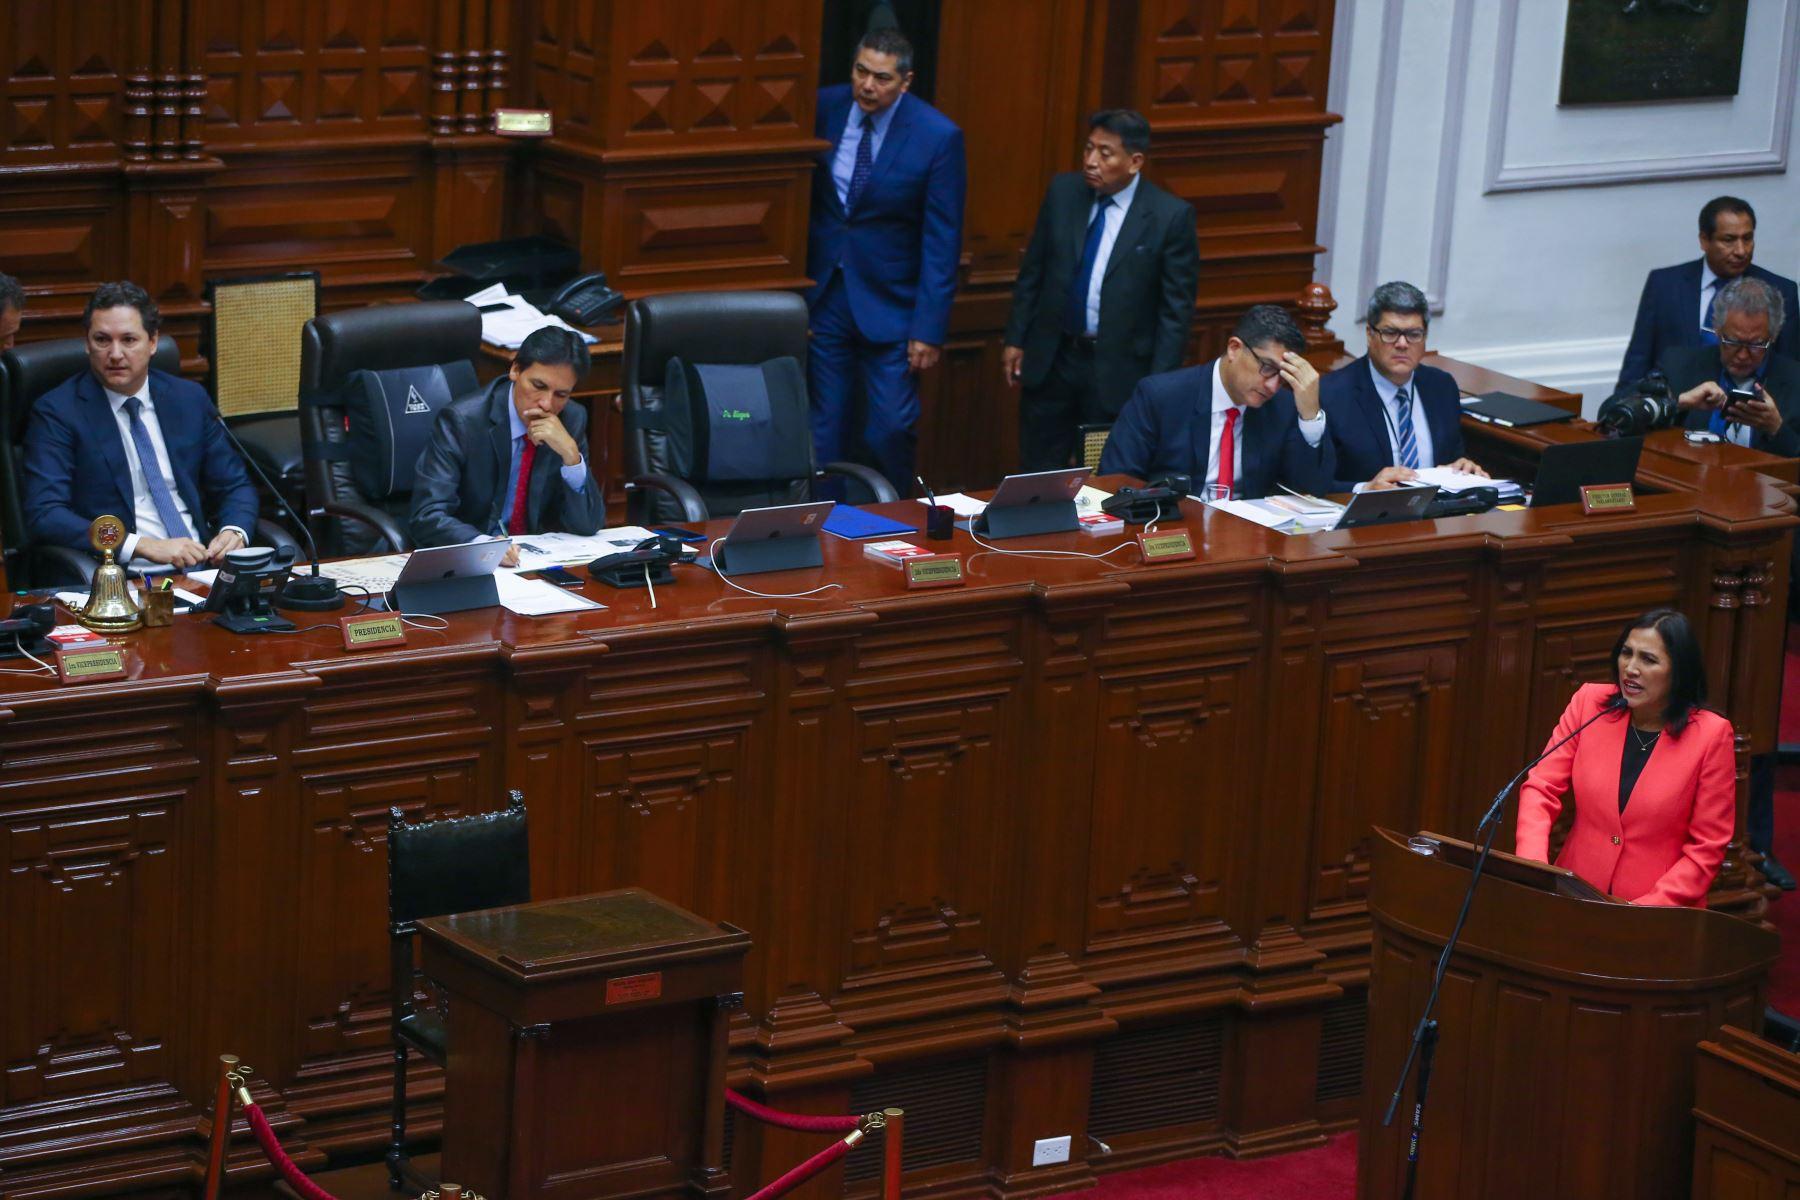 La ministra de Educación, Flor Pablo, asiste al Congreso para responder al pliego interpelatorio. Foto: ANDINA/Vidal Tarqui